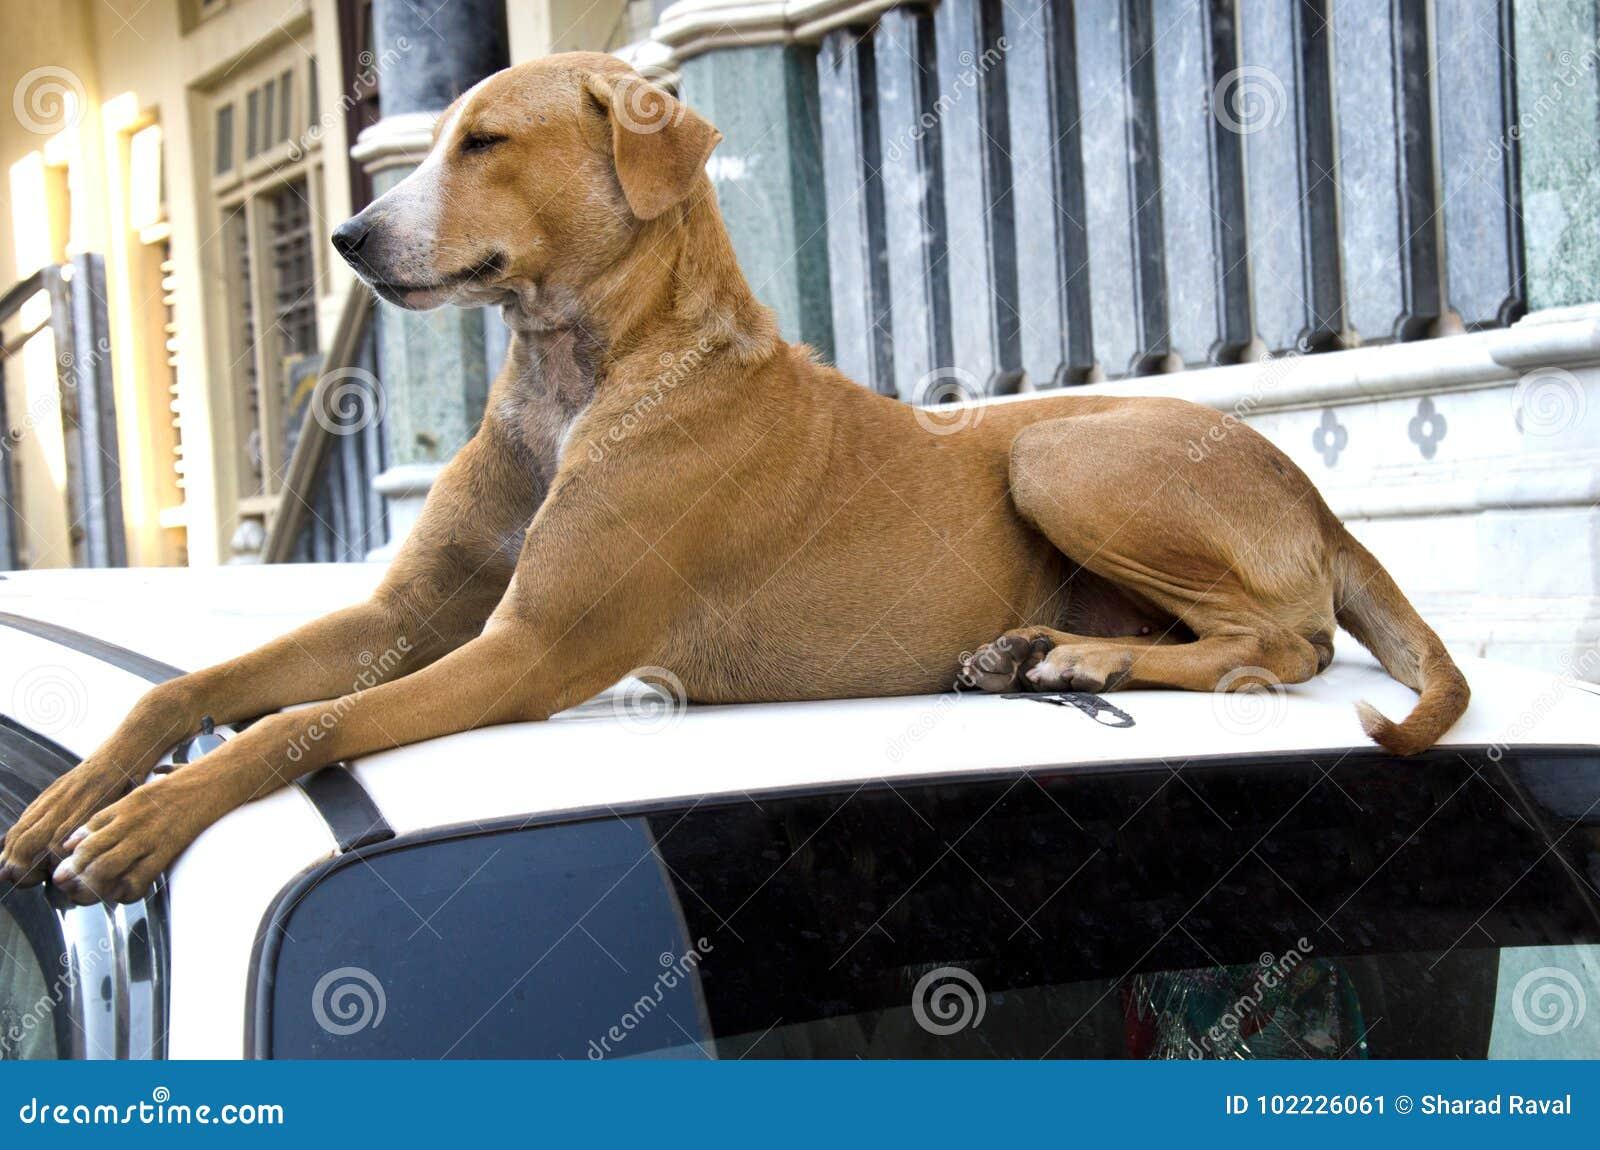 Abandoned street dog